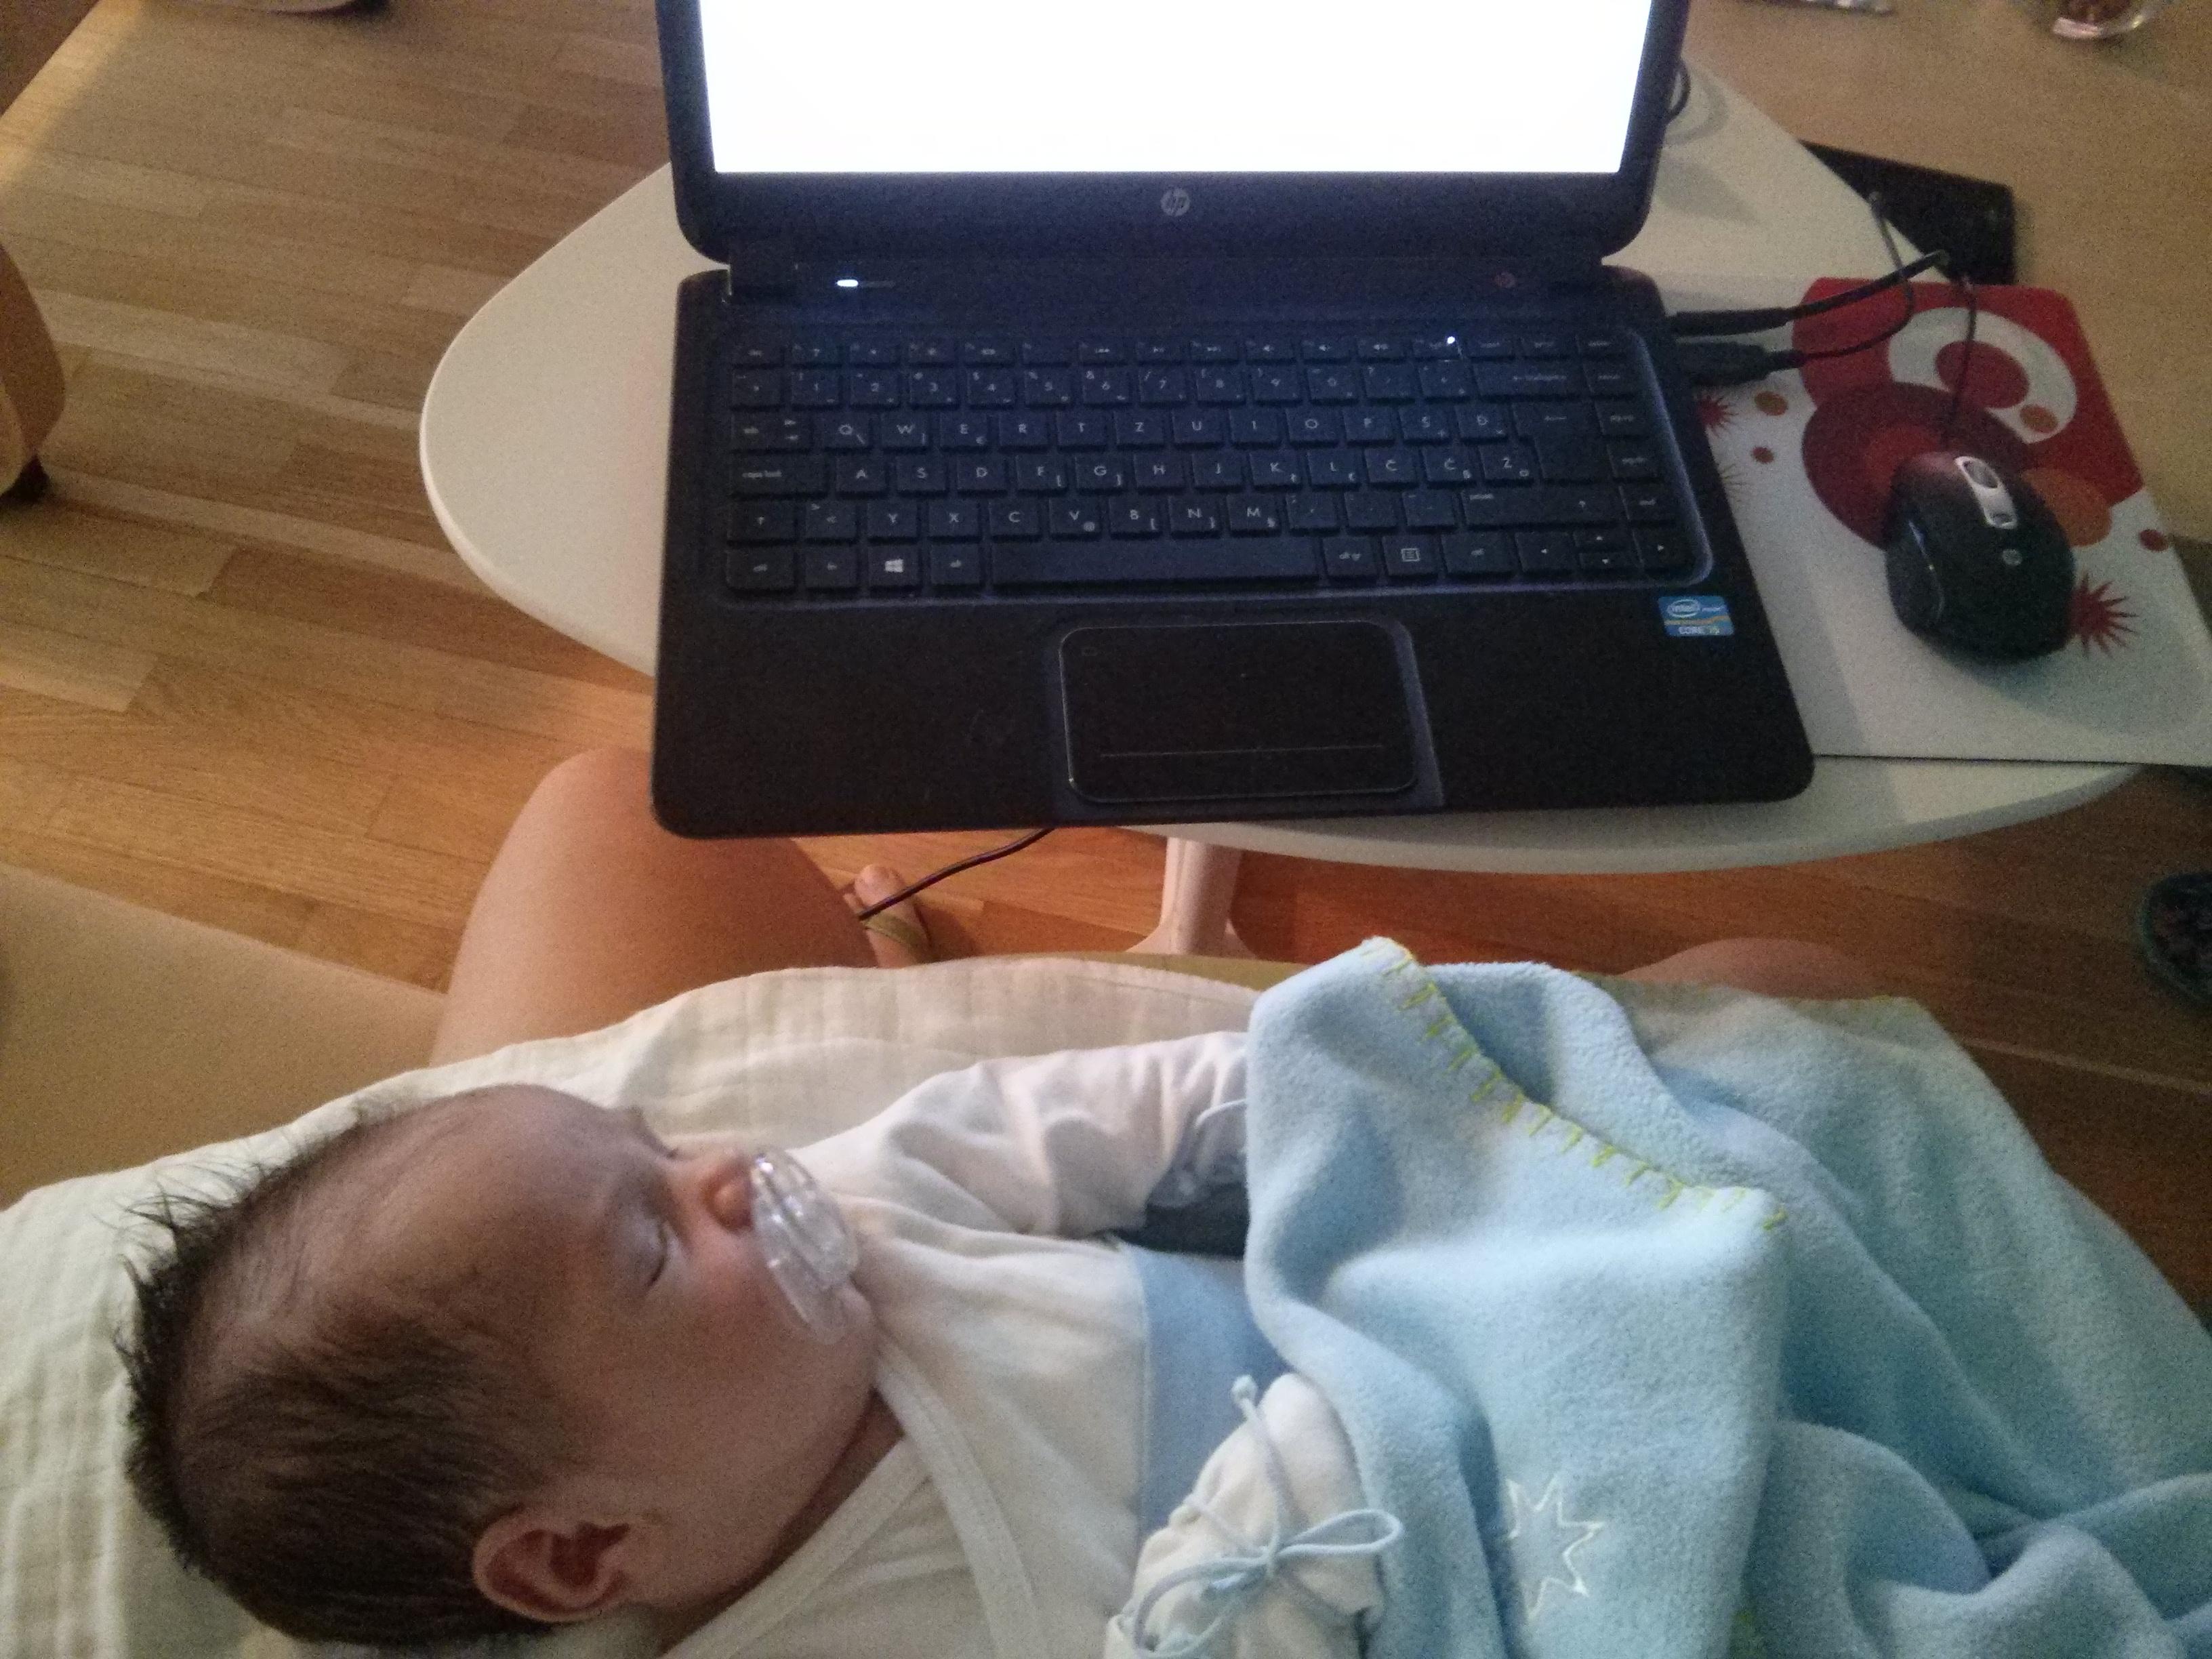 Work at home mom: Kako zaista izgleda biti mama koja radi (k)od kuće?